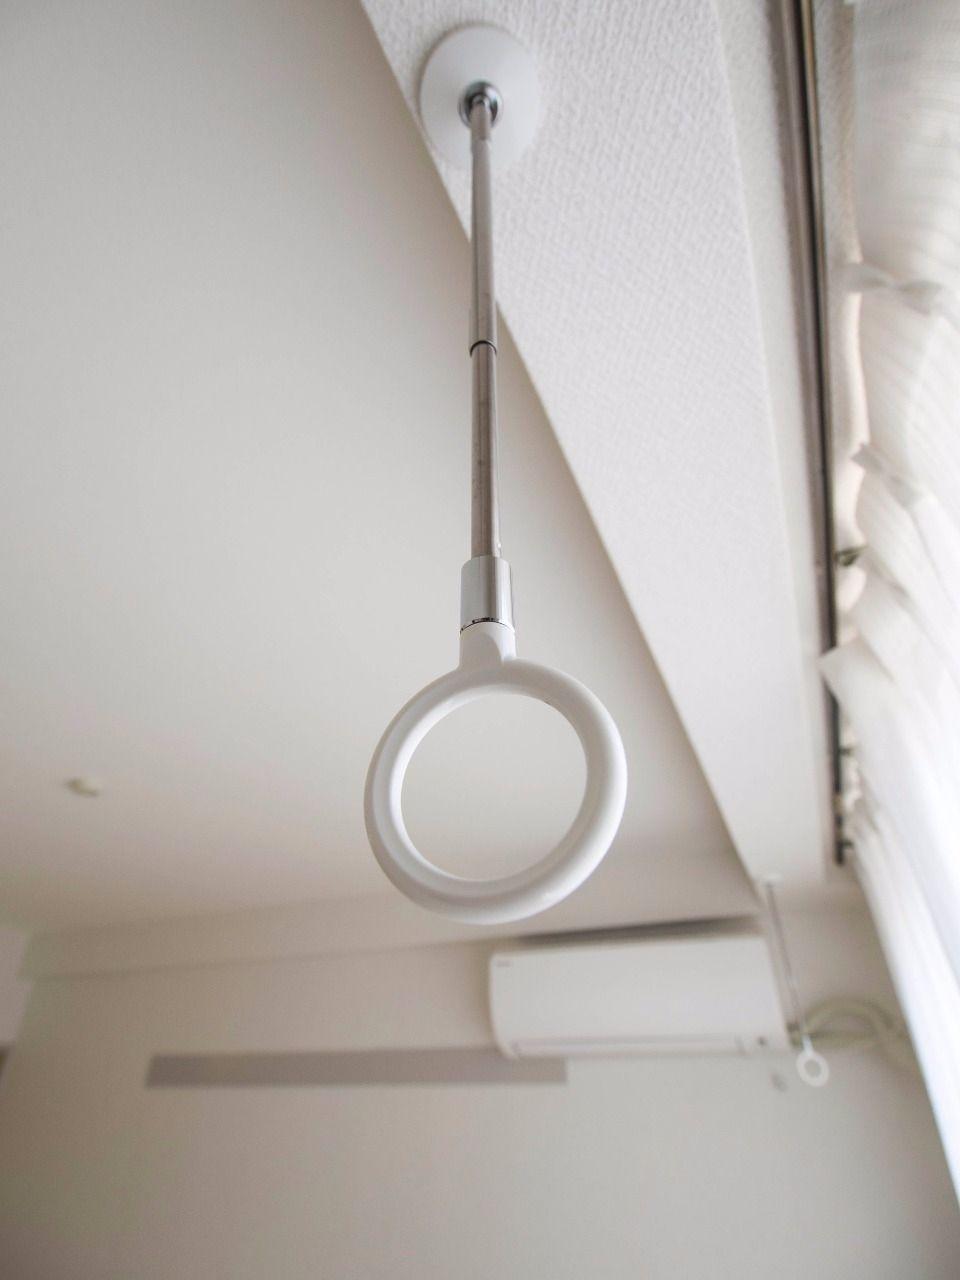 川口技研のホスクリーンは物干し竿を通すと室内干しが可能